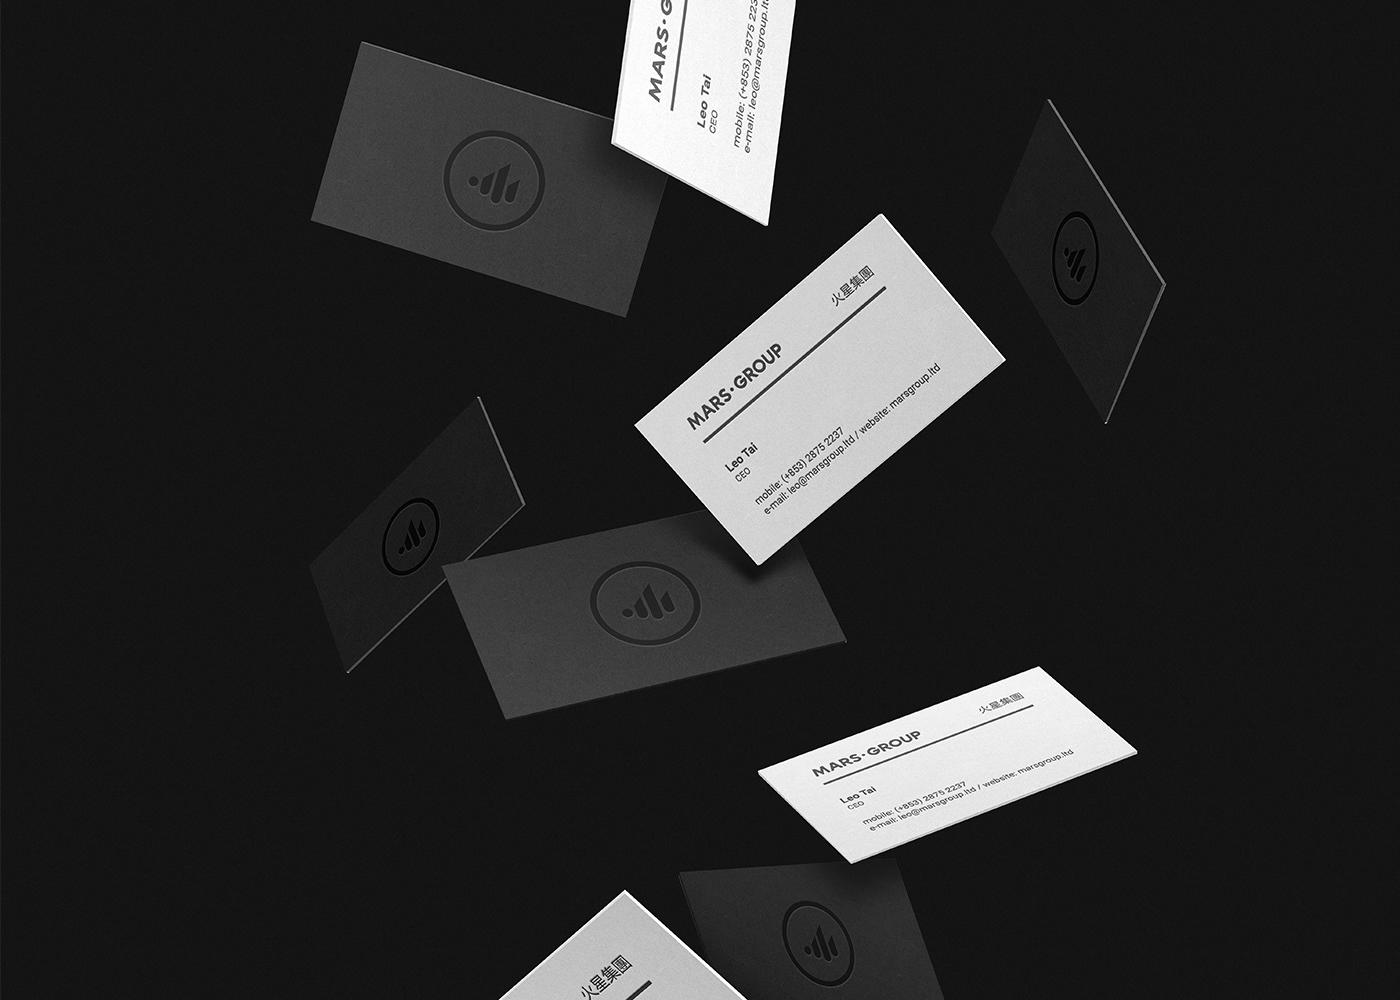 火星集团有限公司 – BIM解决方案品牌 Mars Group LTD. – BIM solutions Branding插图(5)